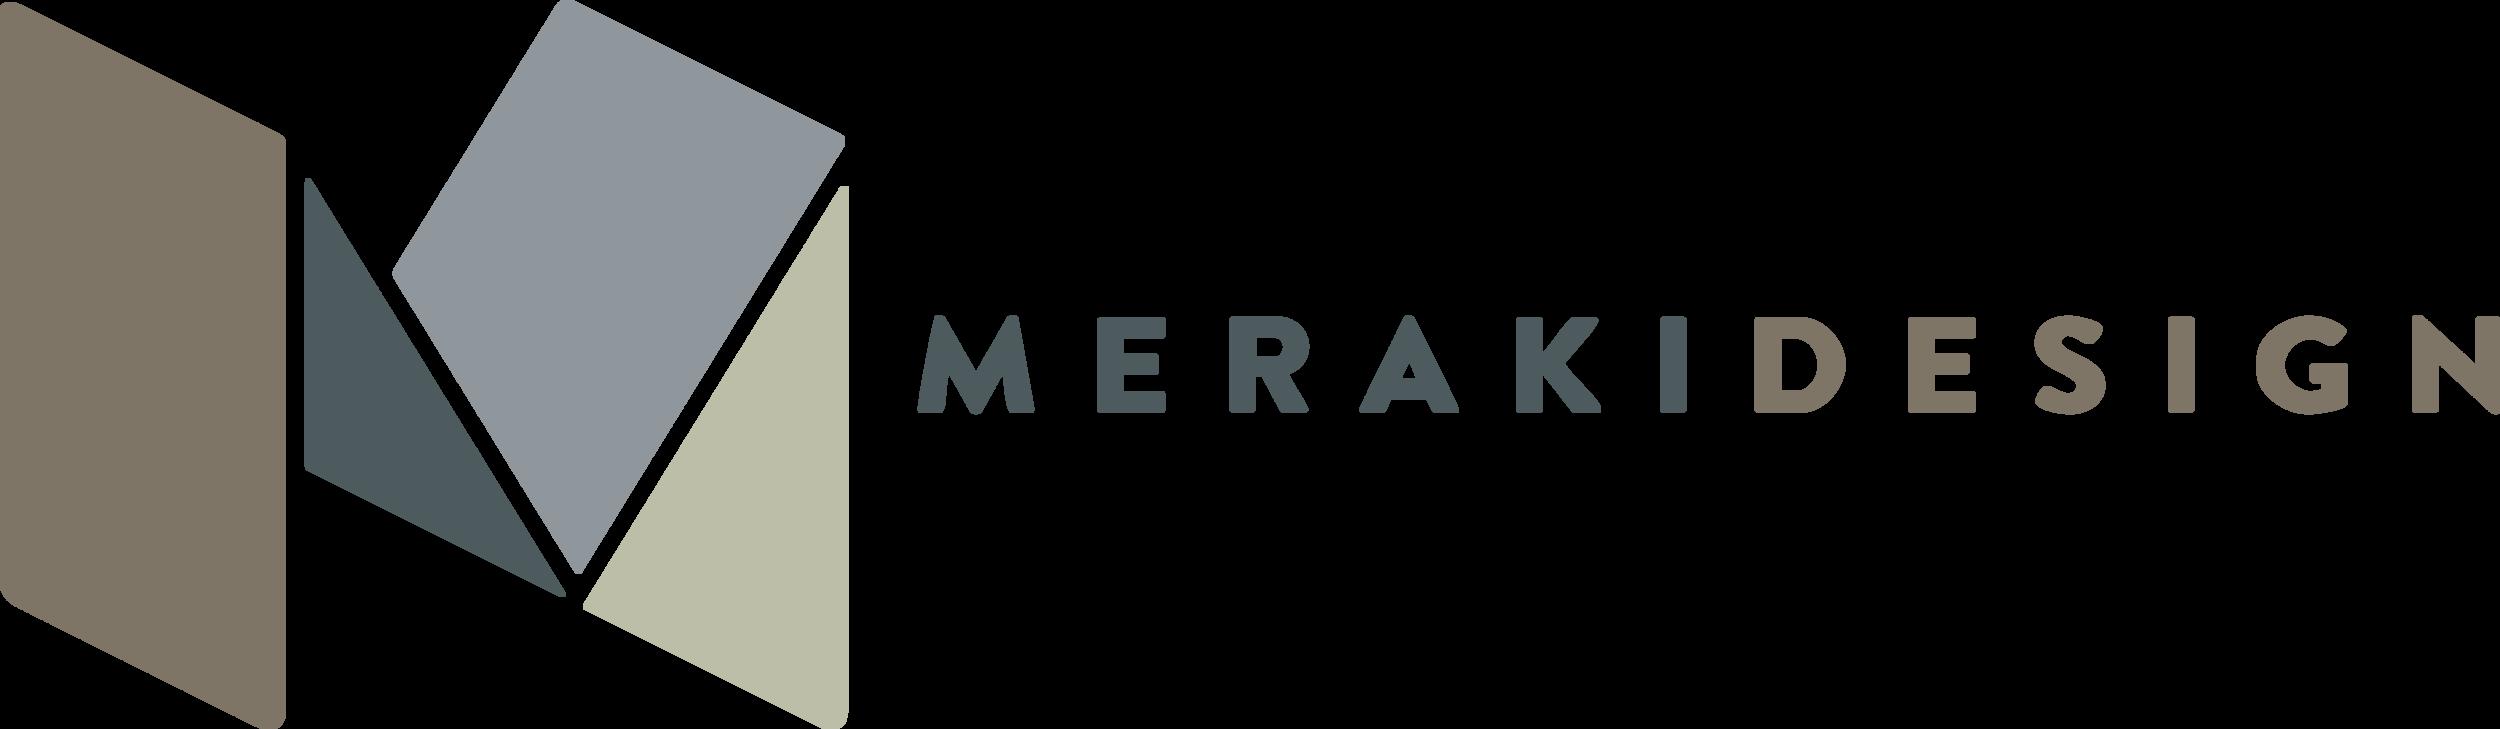 MERAKI DESIGN 2018.png